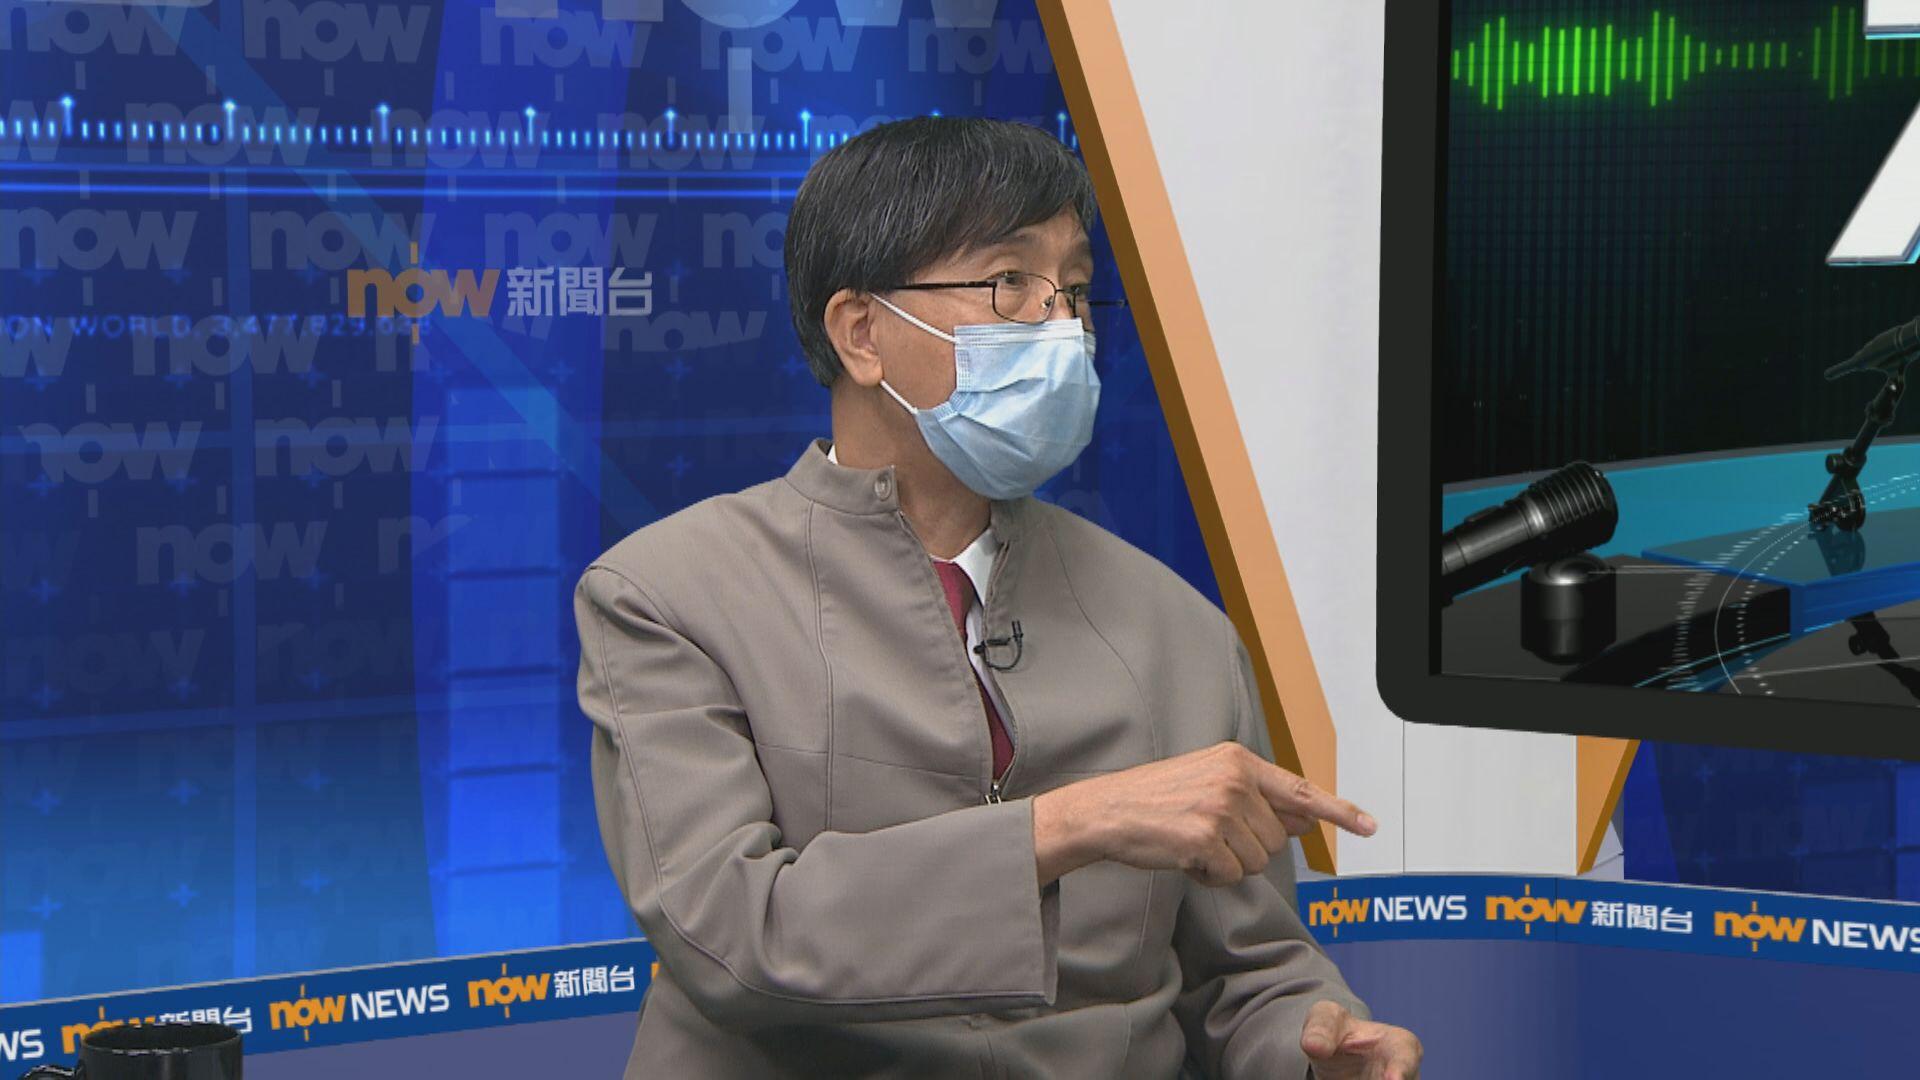 袁國勇:若酒吧規定用飲管避免除口罩 可通宵營業